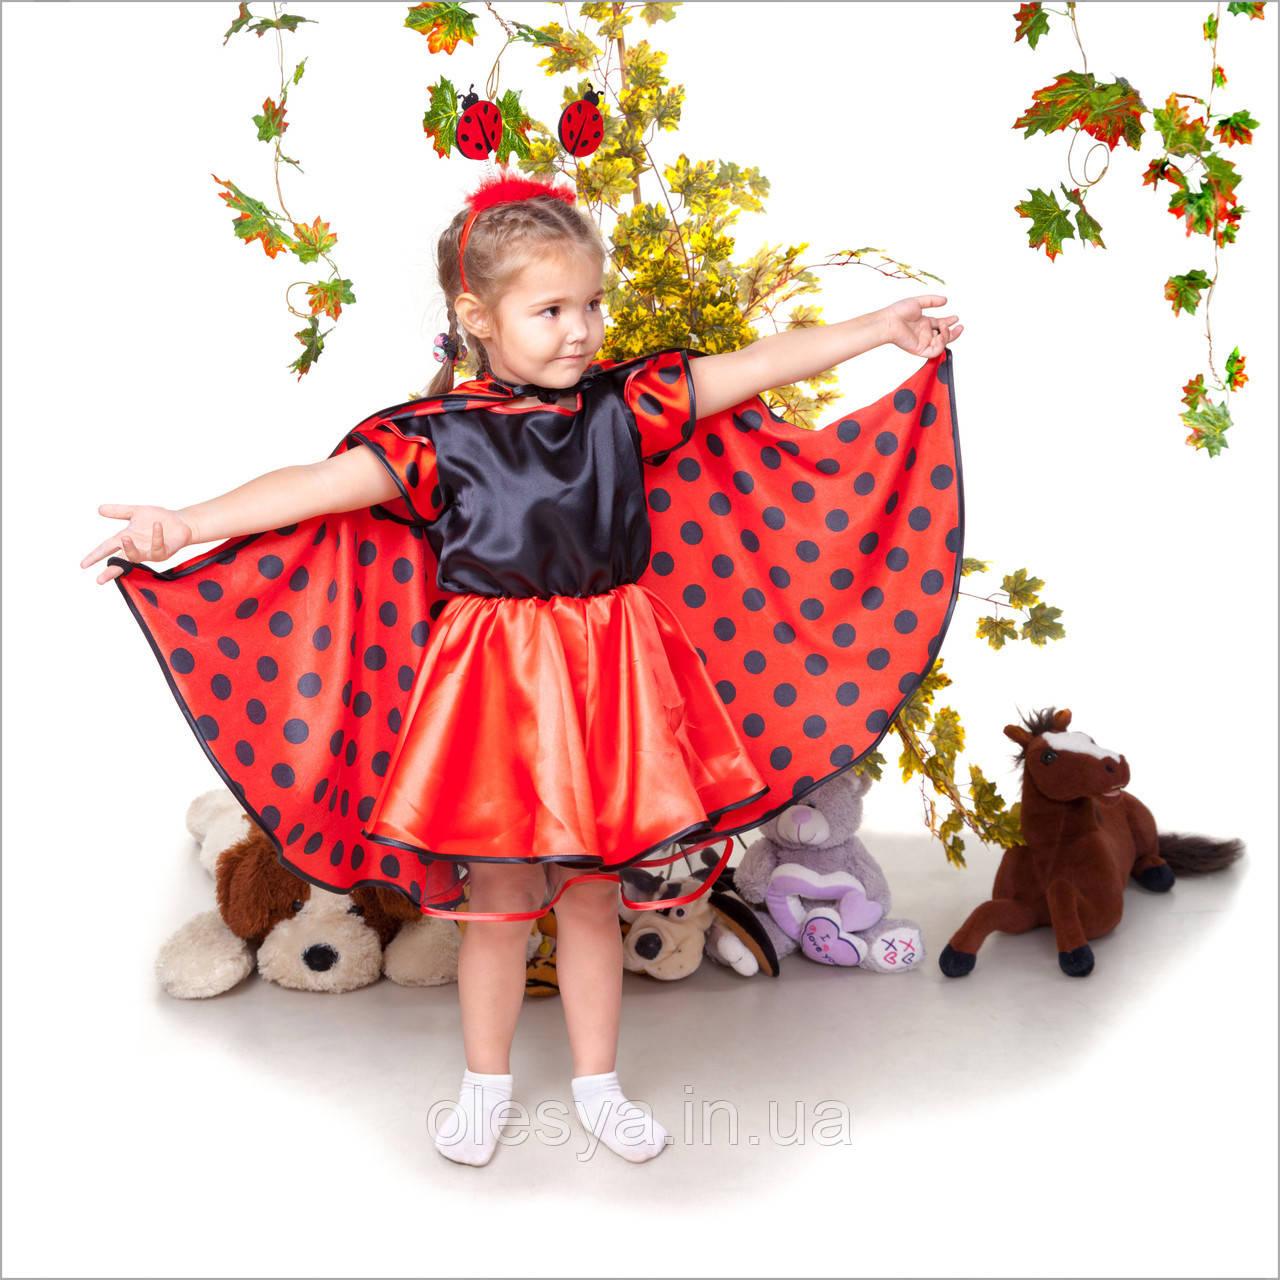 Карнавальный костюм для девочки Божья коровка